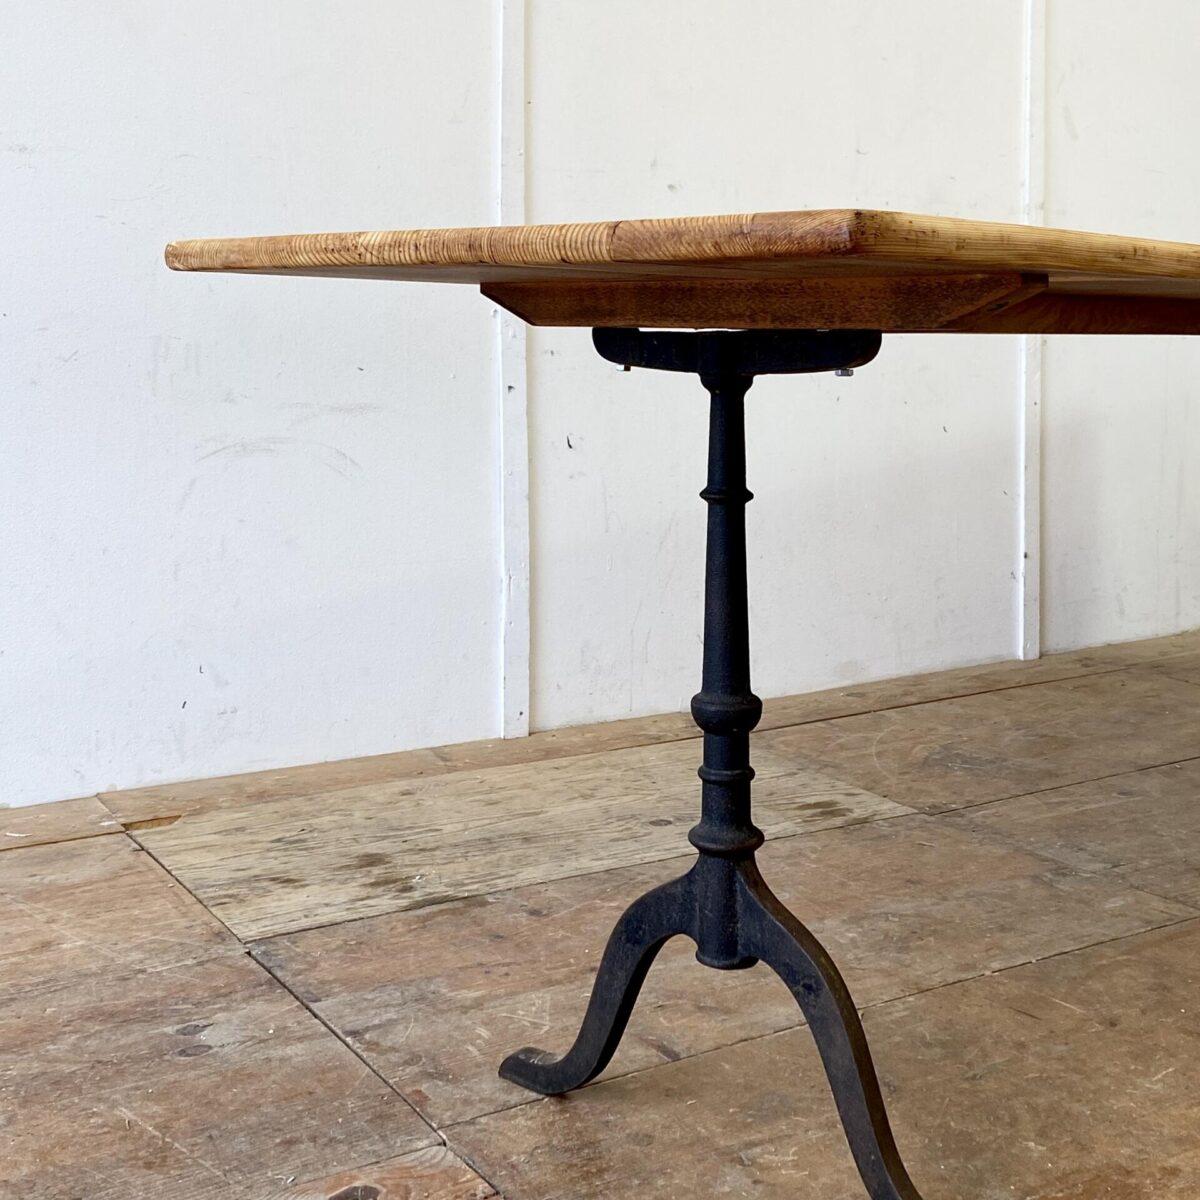 Deuxieme.shop antiker Holztisch. Einfacher alter Beizentisch aus Tannenholz. 250x70cm Höhe 74.5cm. Verlebtes Tischblatt mit Patina frisch aufbereitet, Holzoberfläche geölt.